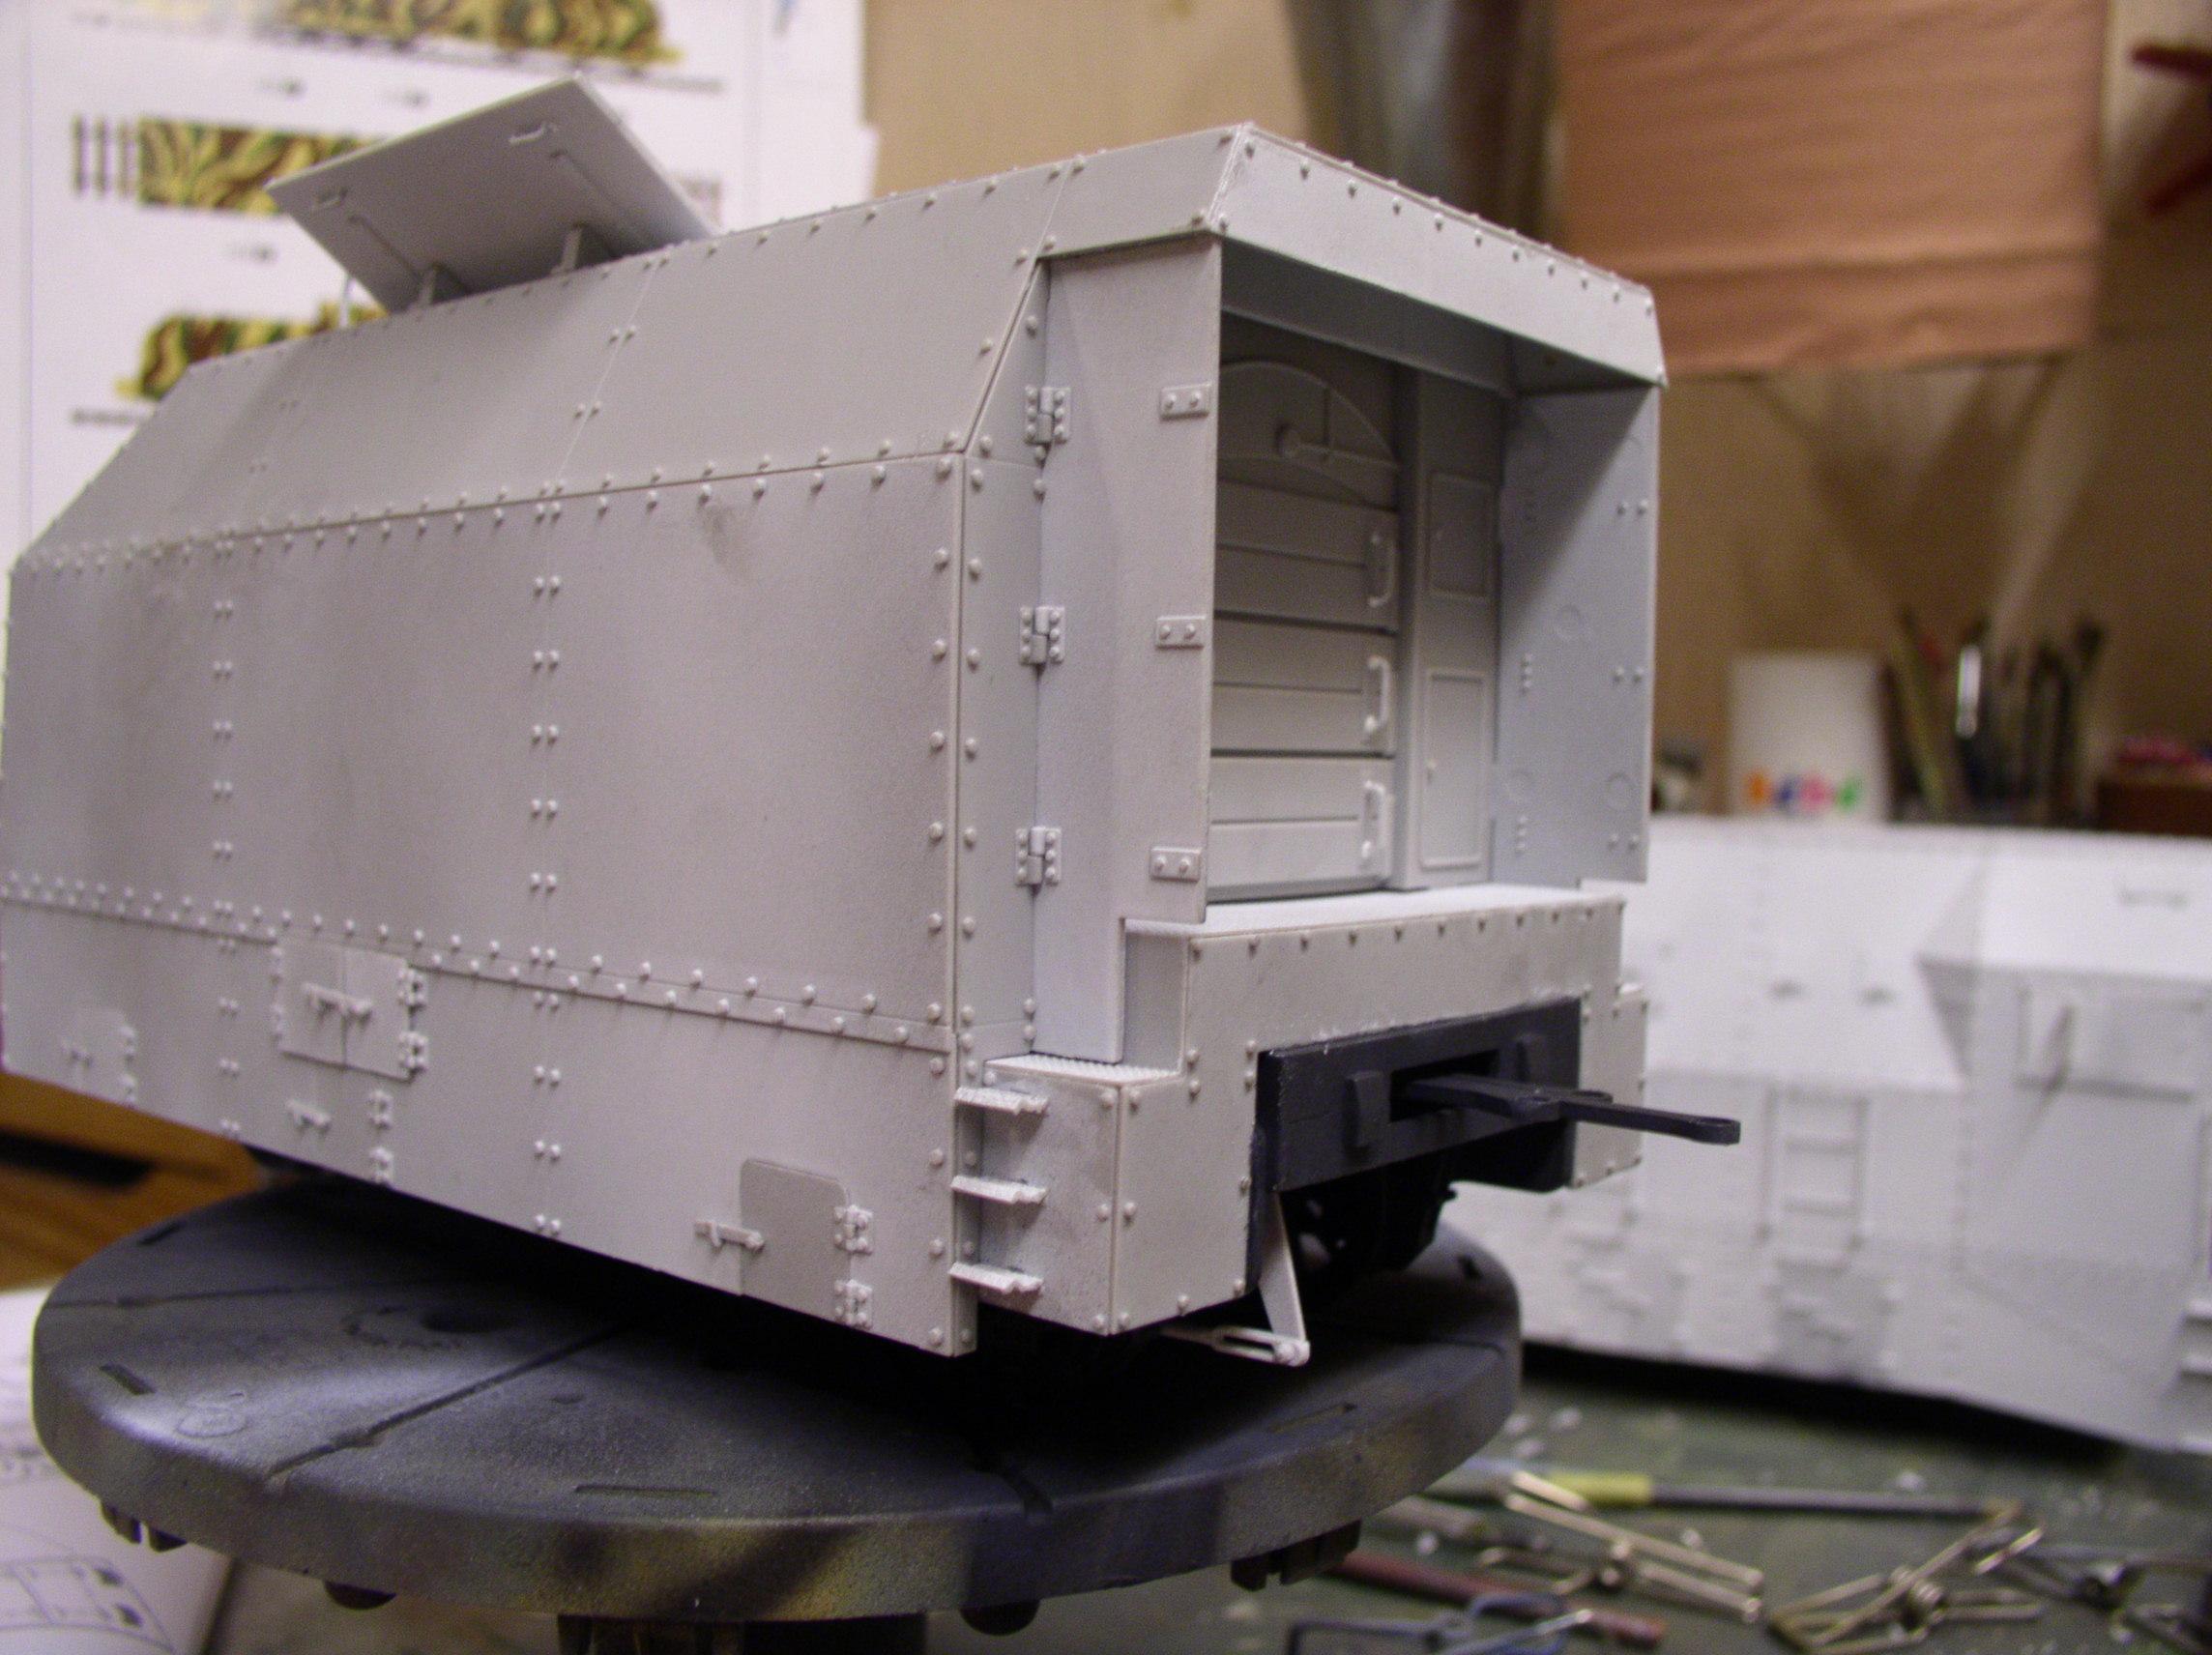 peinture - (Thunderbird) BR 57 Baureihe Panzerlok (Peinture en cours)  - Page 2 132ar